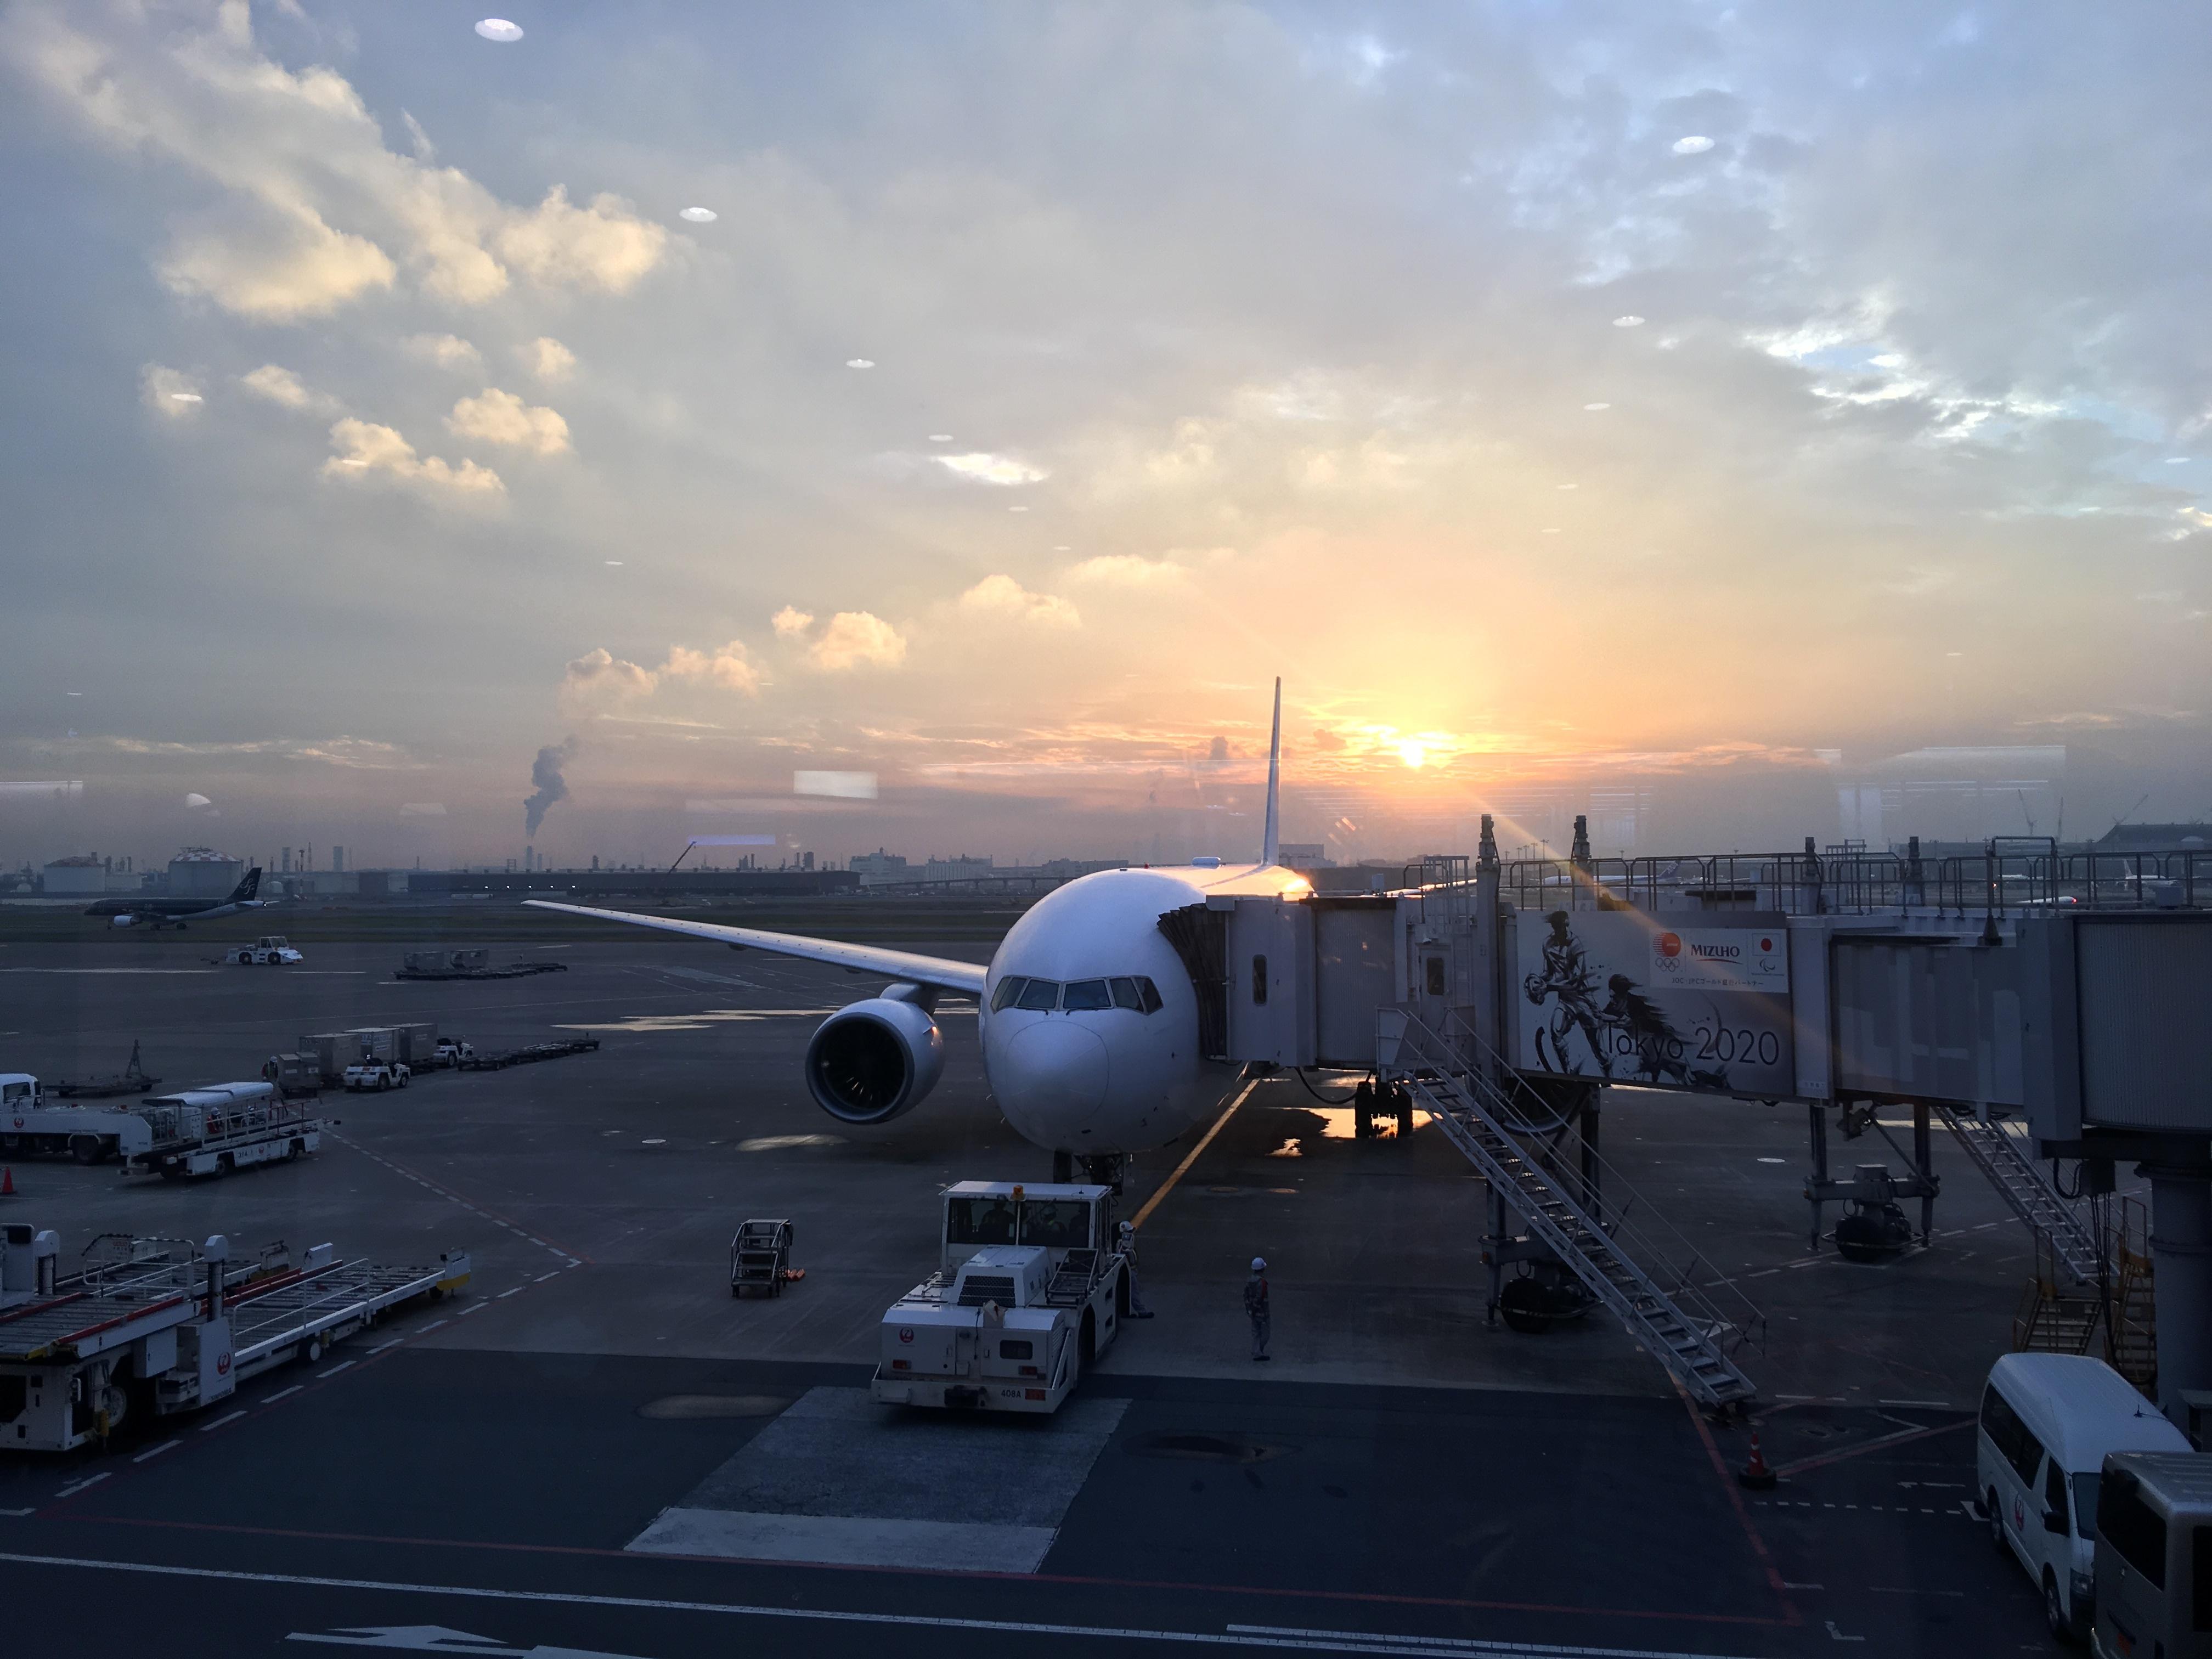 飛行機に乗るのが怖い?不安や苦手を解決するための6つの事実をご紹介!